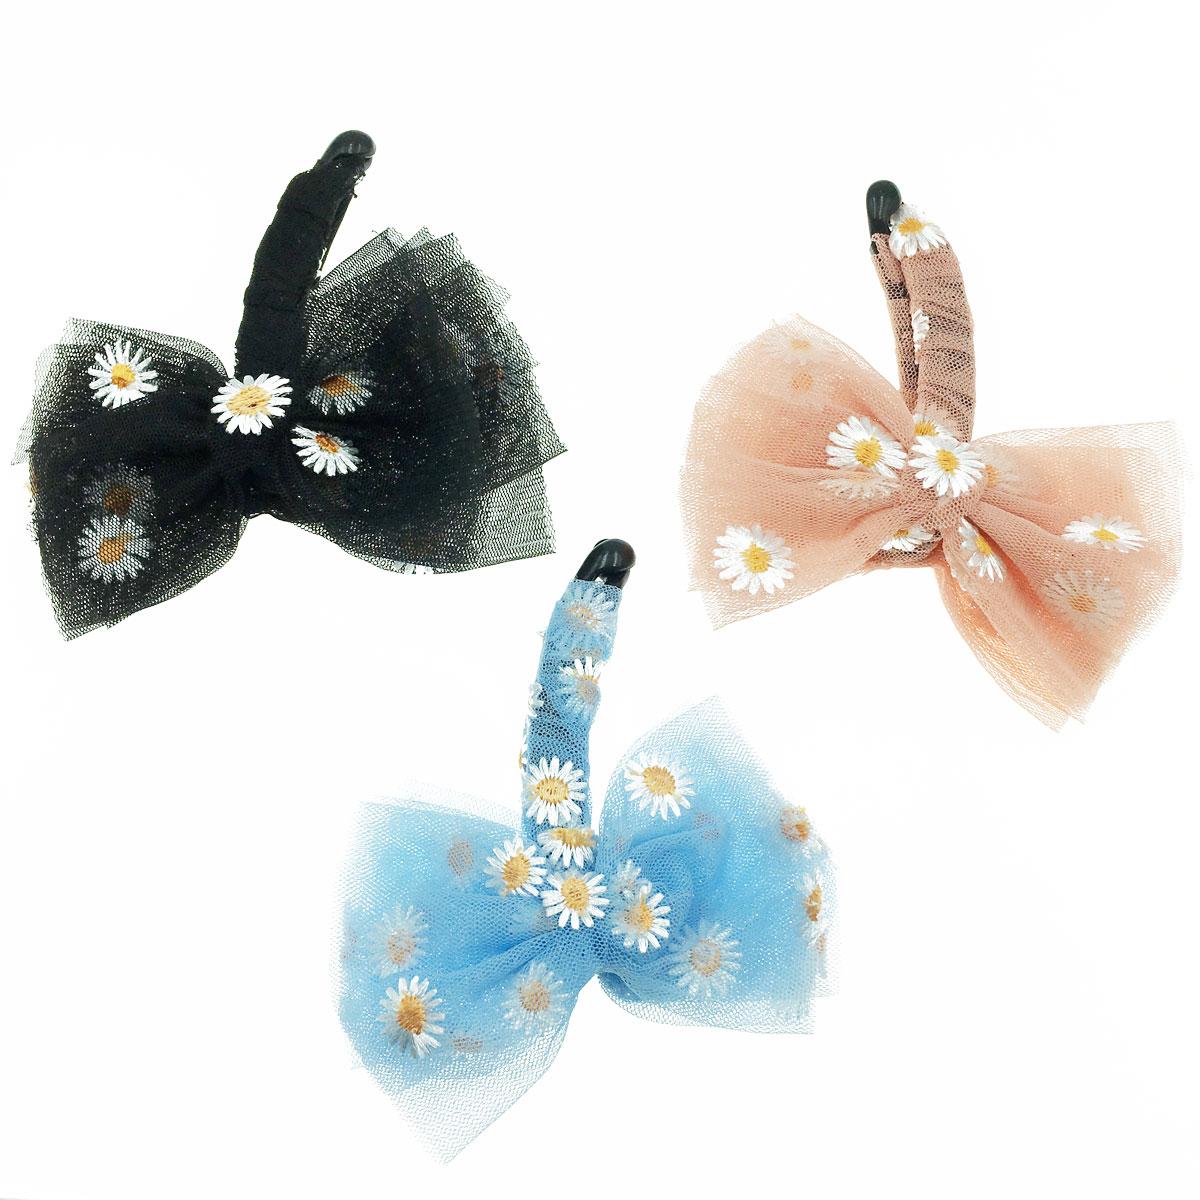 韓國 花朵 蝴蝶結 三色 髮飾 髮夾 相交夾